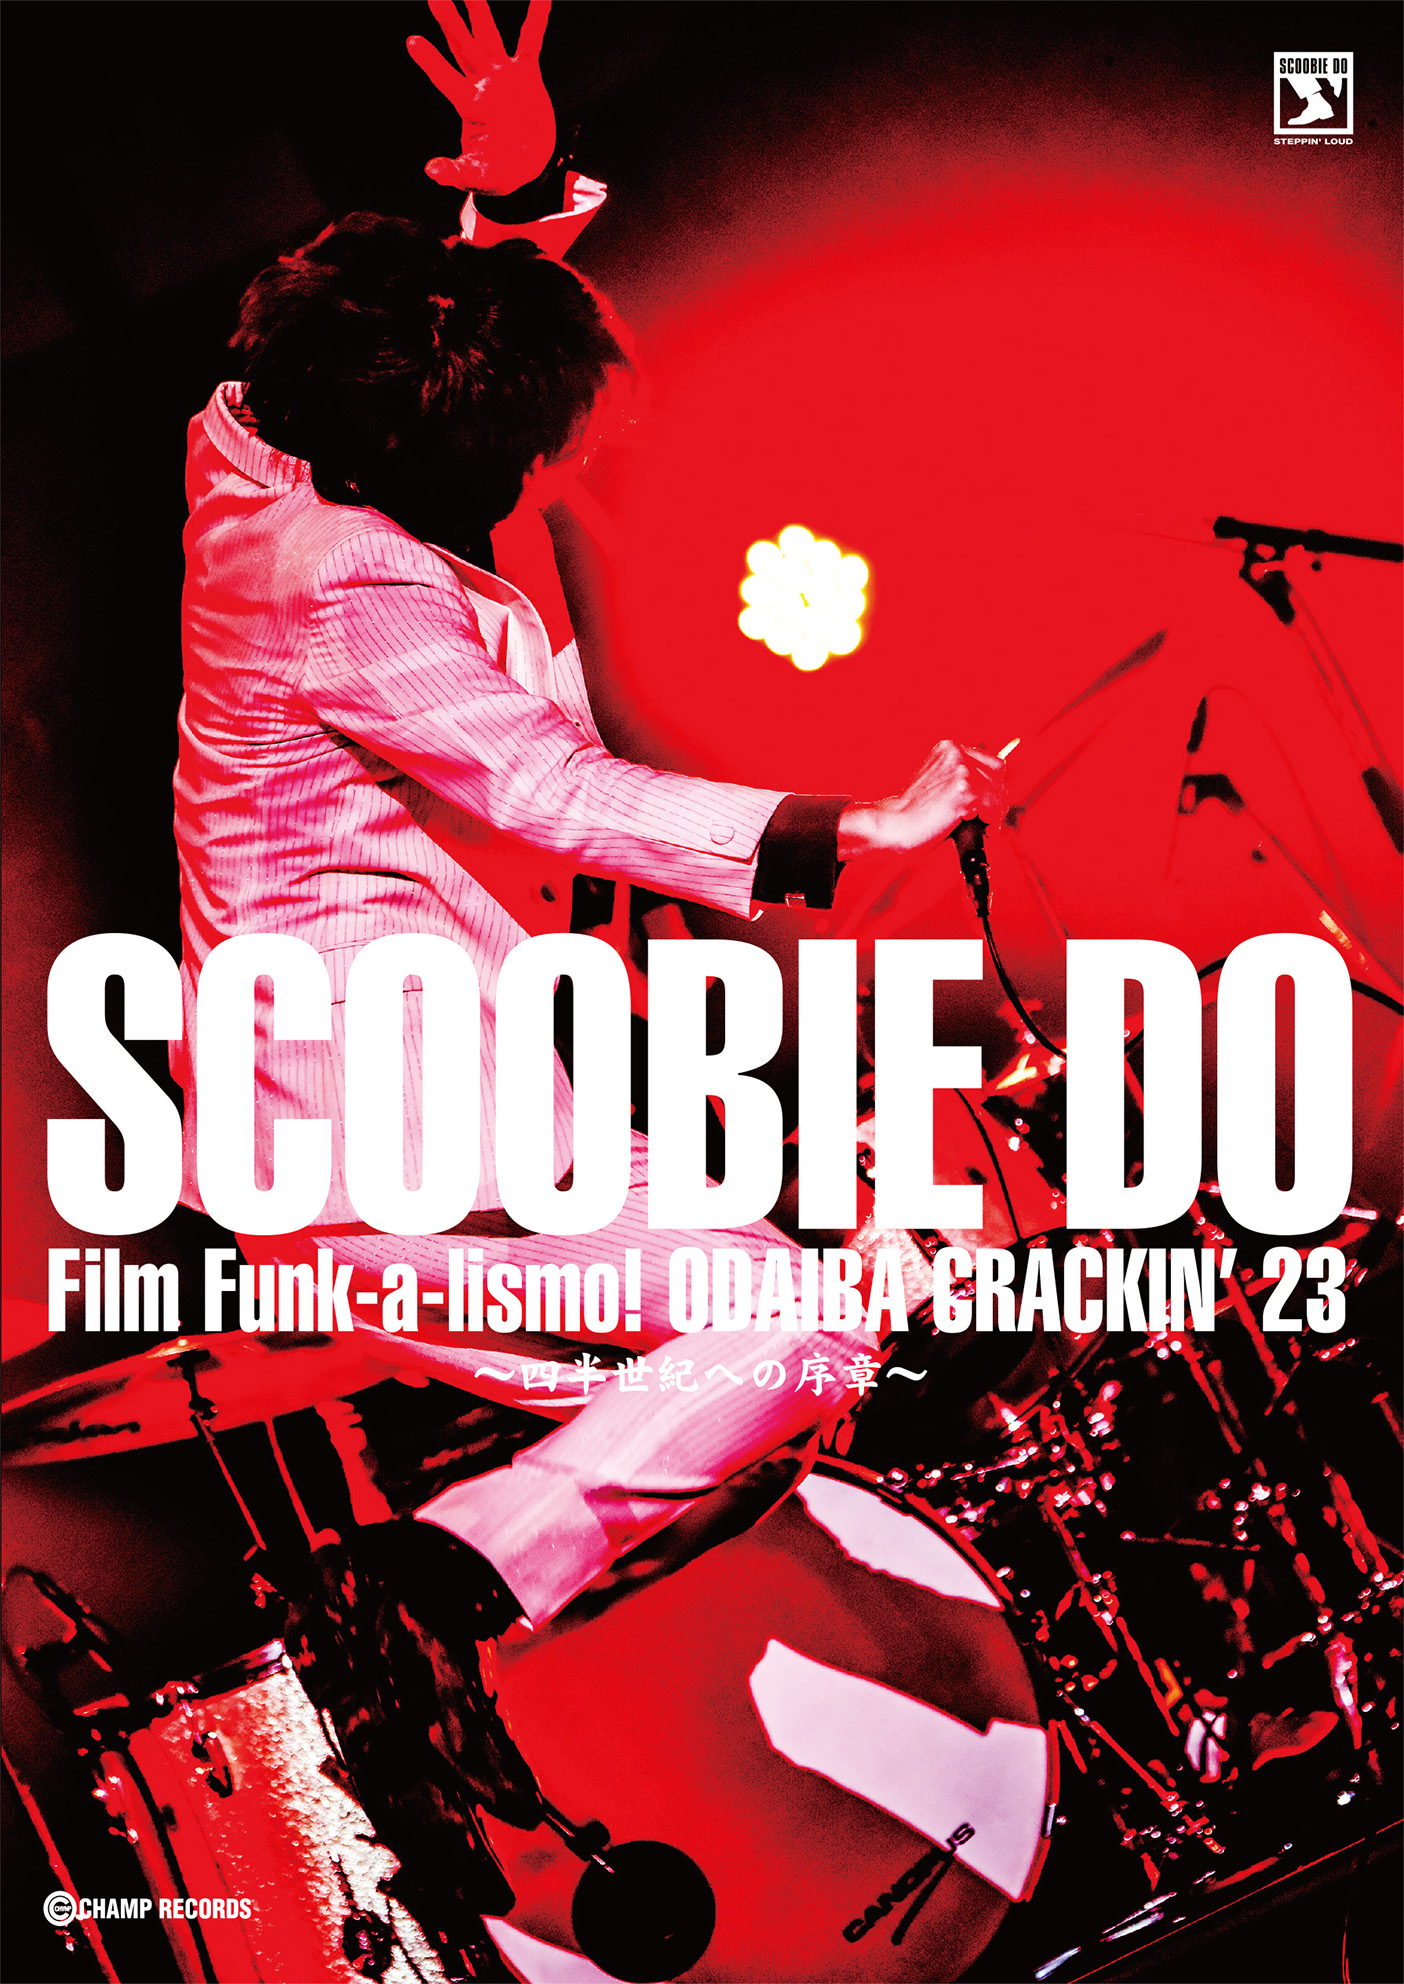 scb_ffoc_01.jpg